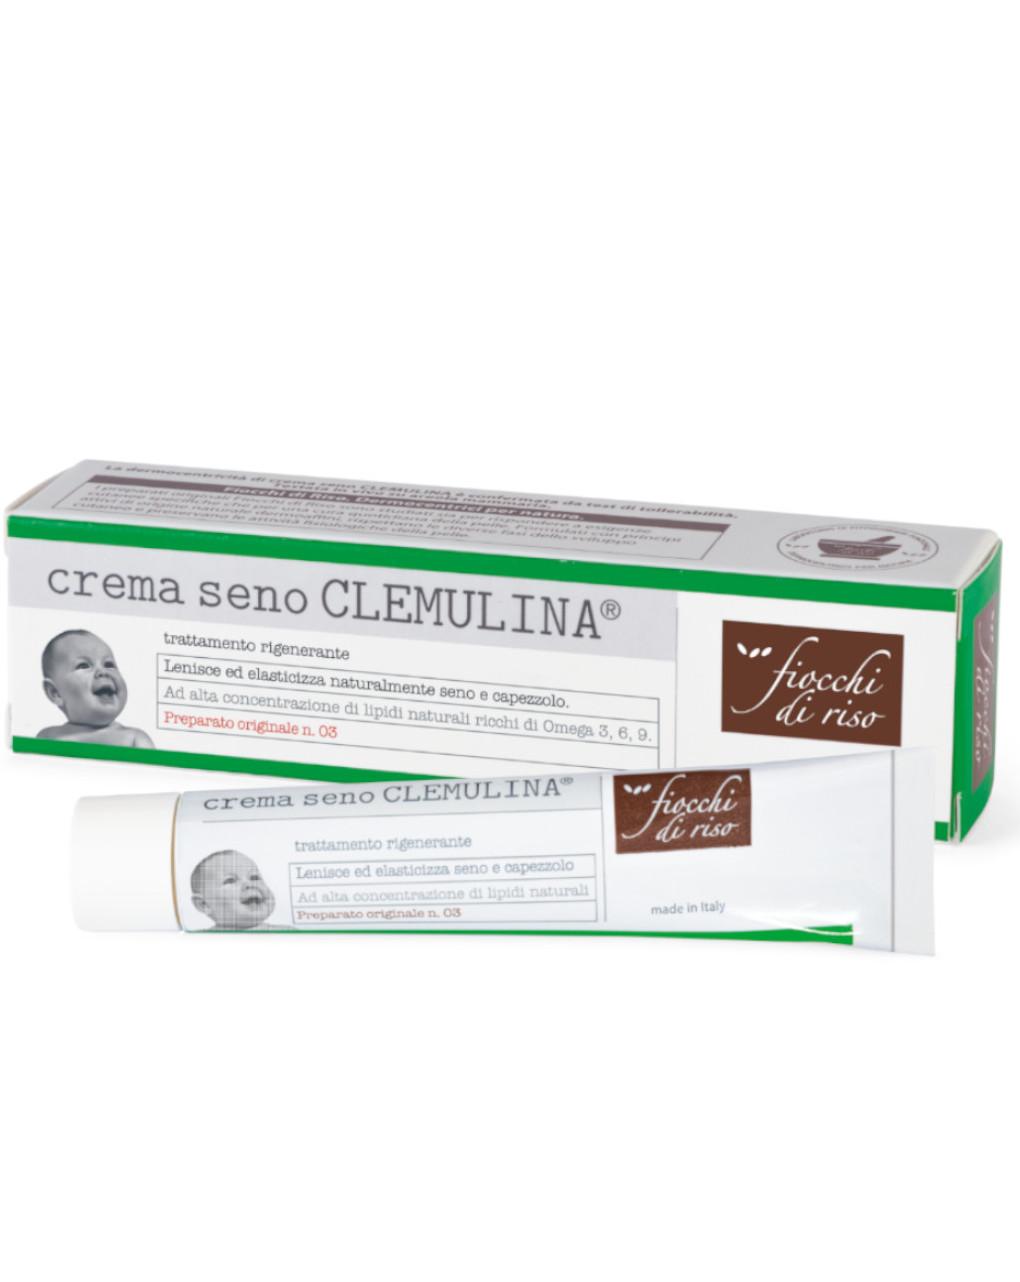 Crema seno clemulina - 15 ml - Fiocchi di Riso